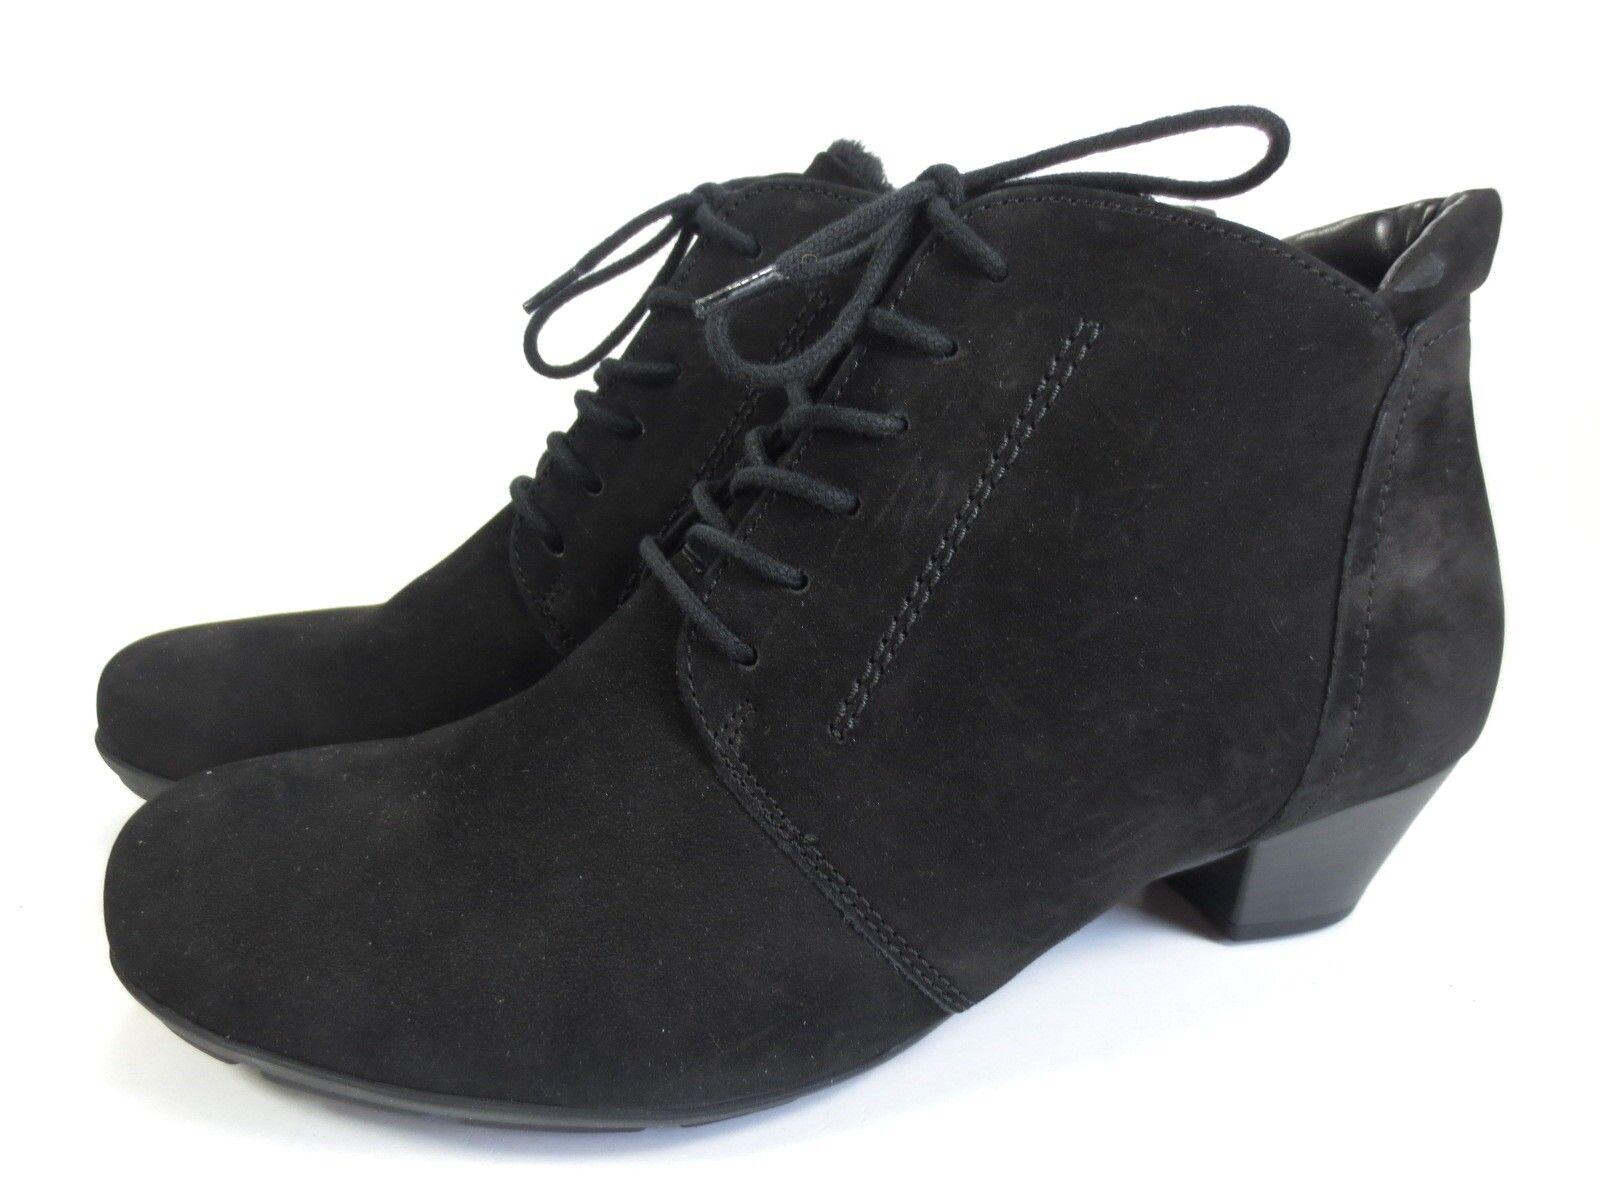 GABOR weiche Stiefeletten Leder Schuhe schwarz NEU 99,95